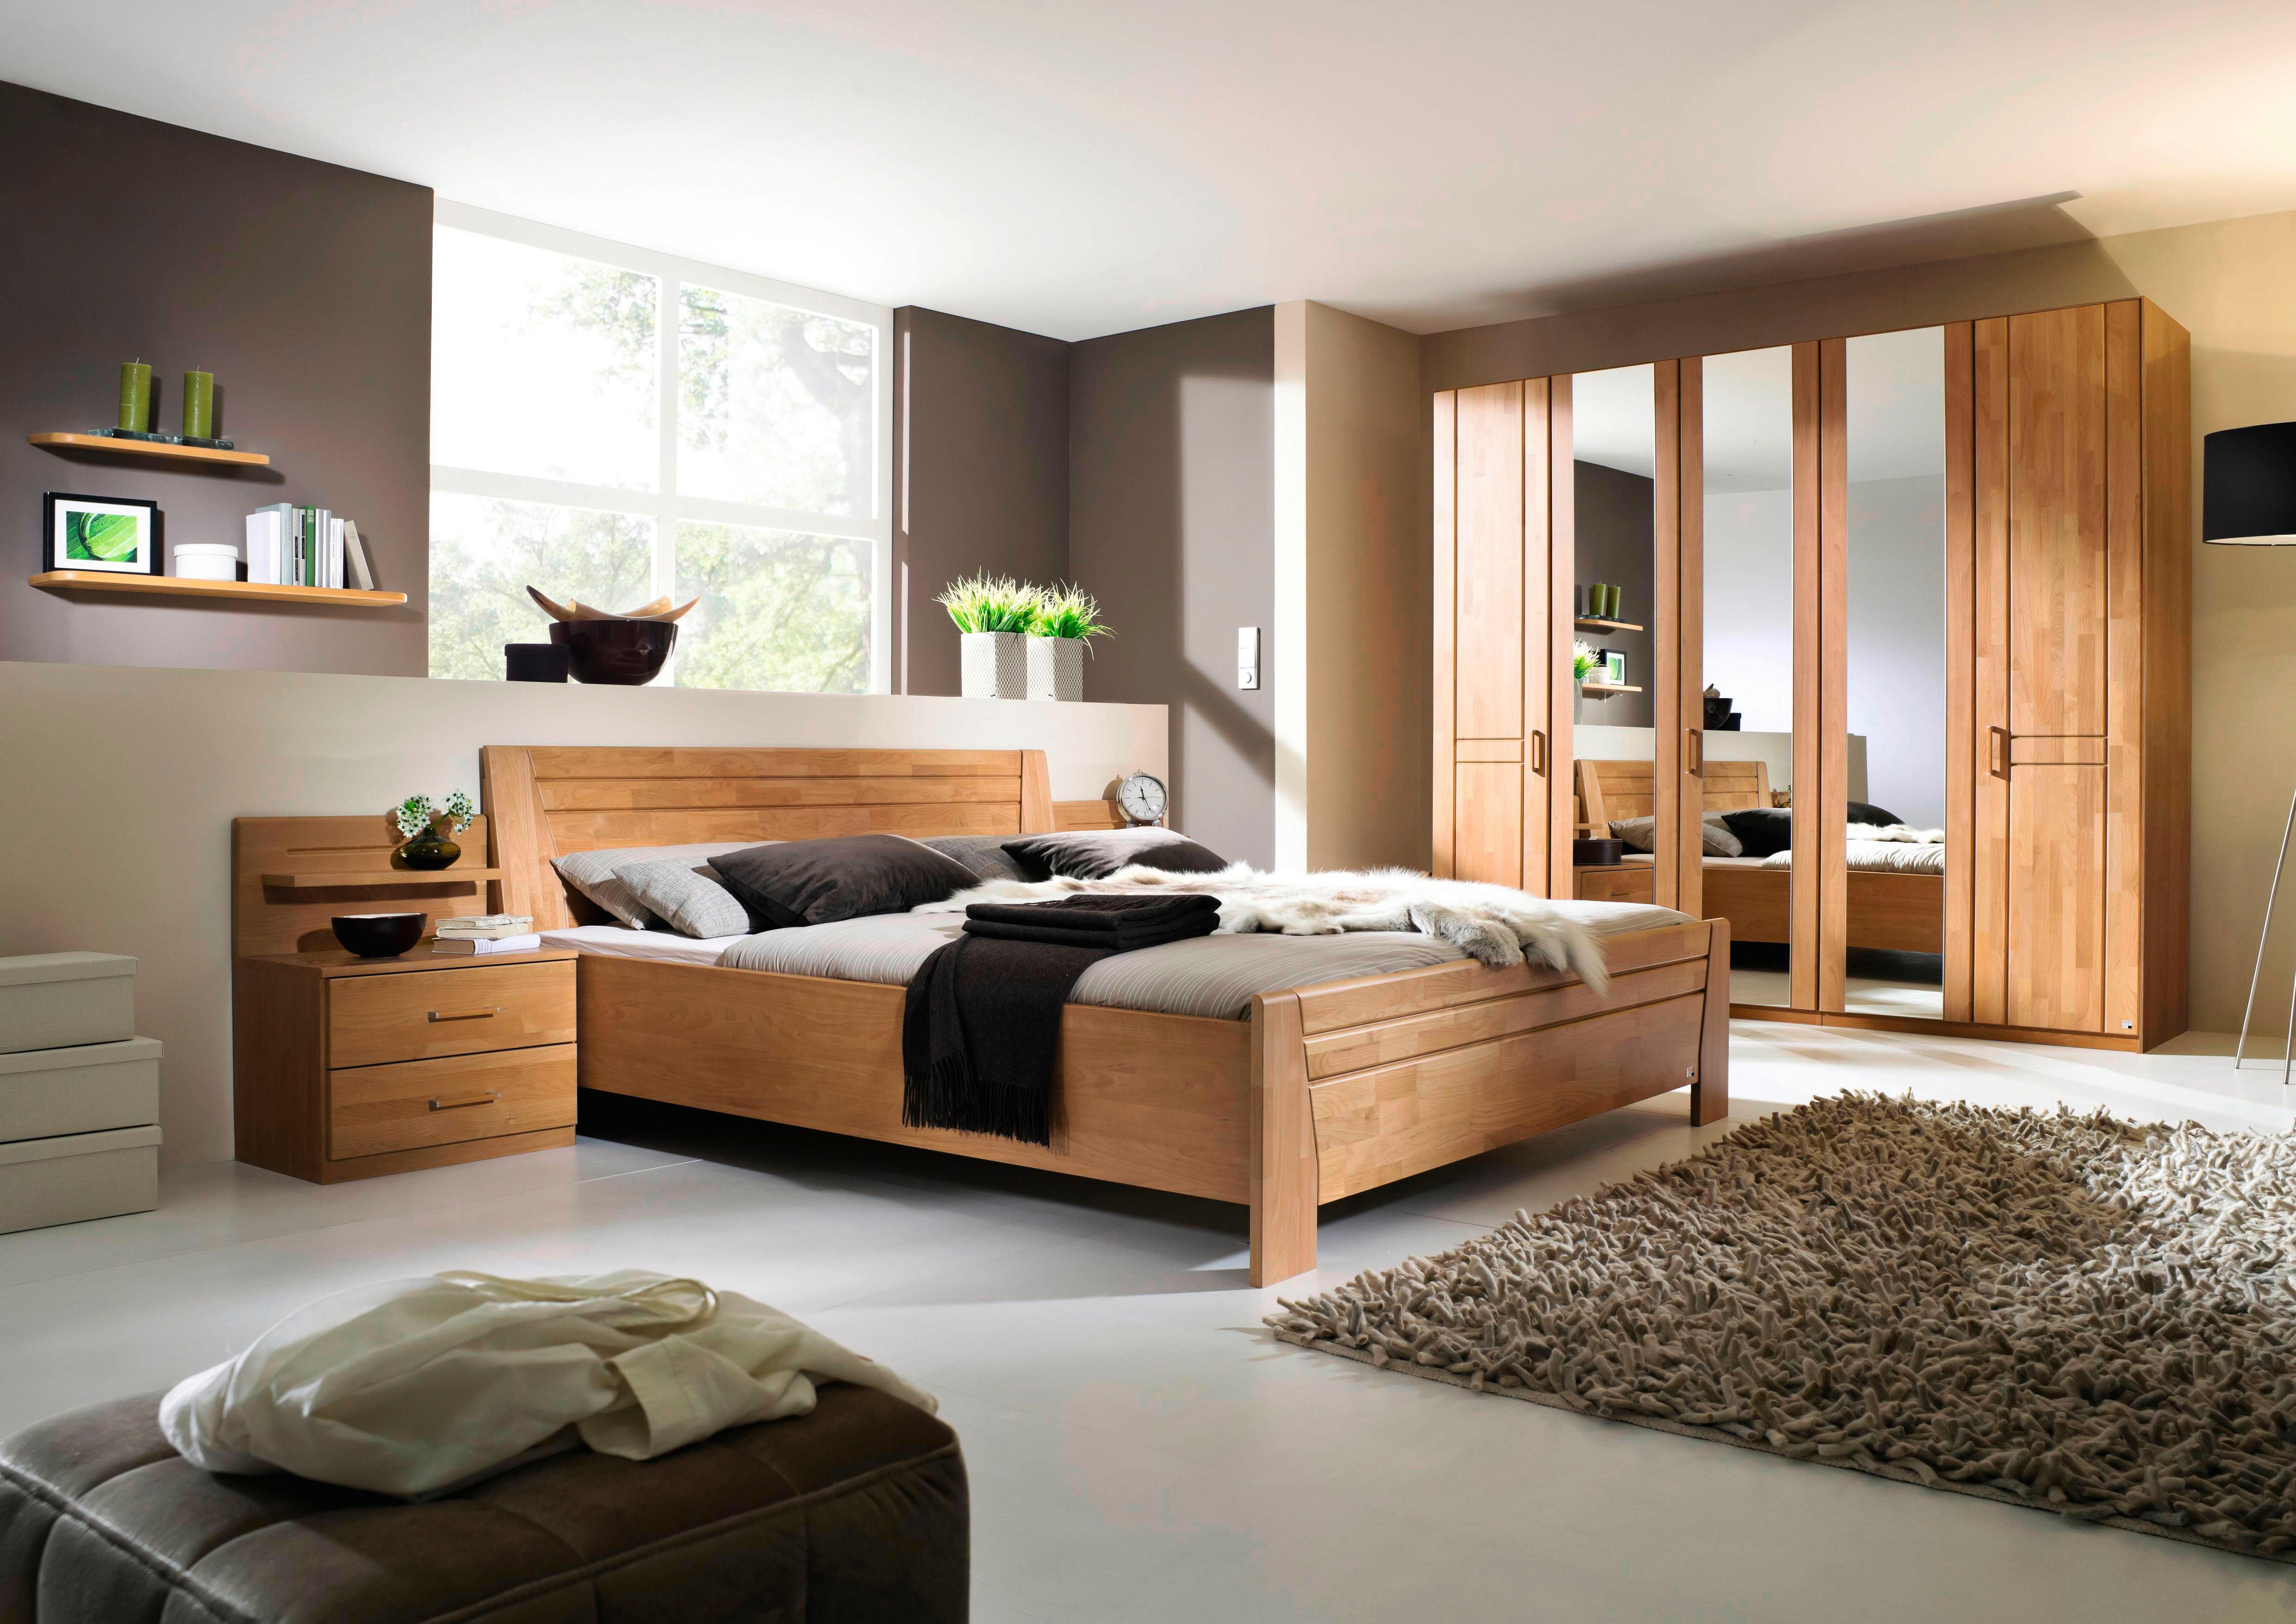 gruen-massivholz Komplett-Schlafzimmer online kaufen | Möbel ...